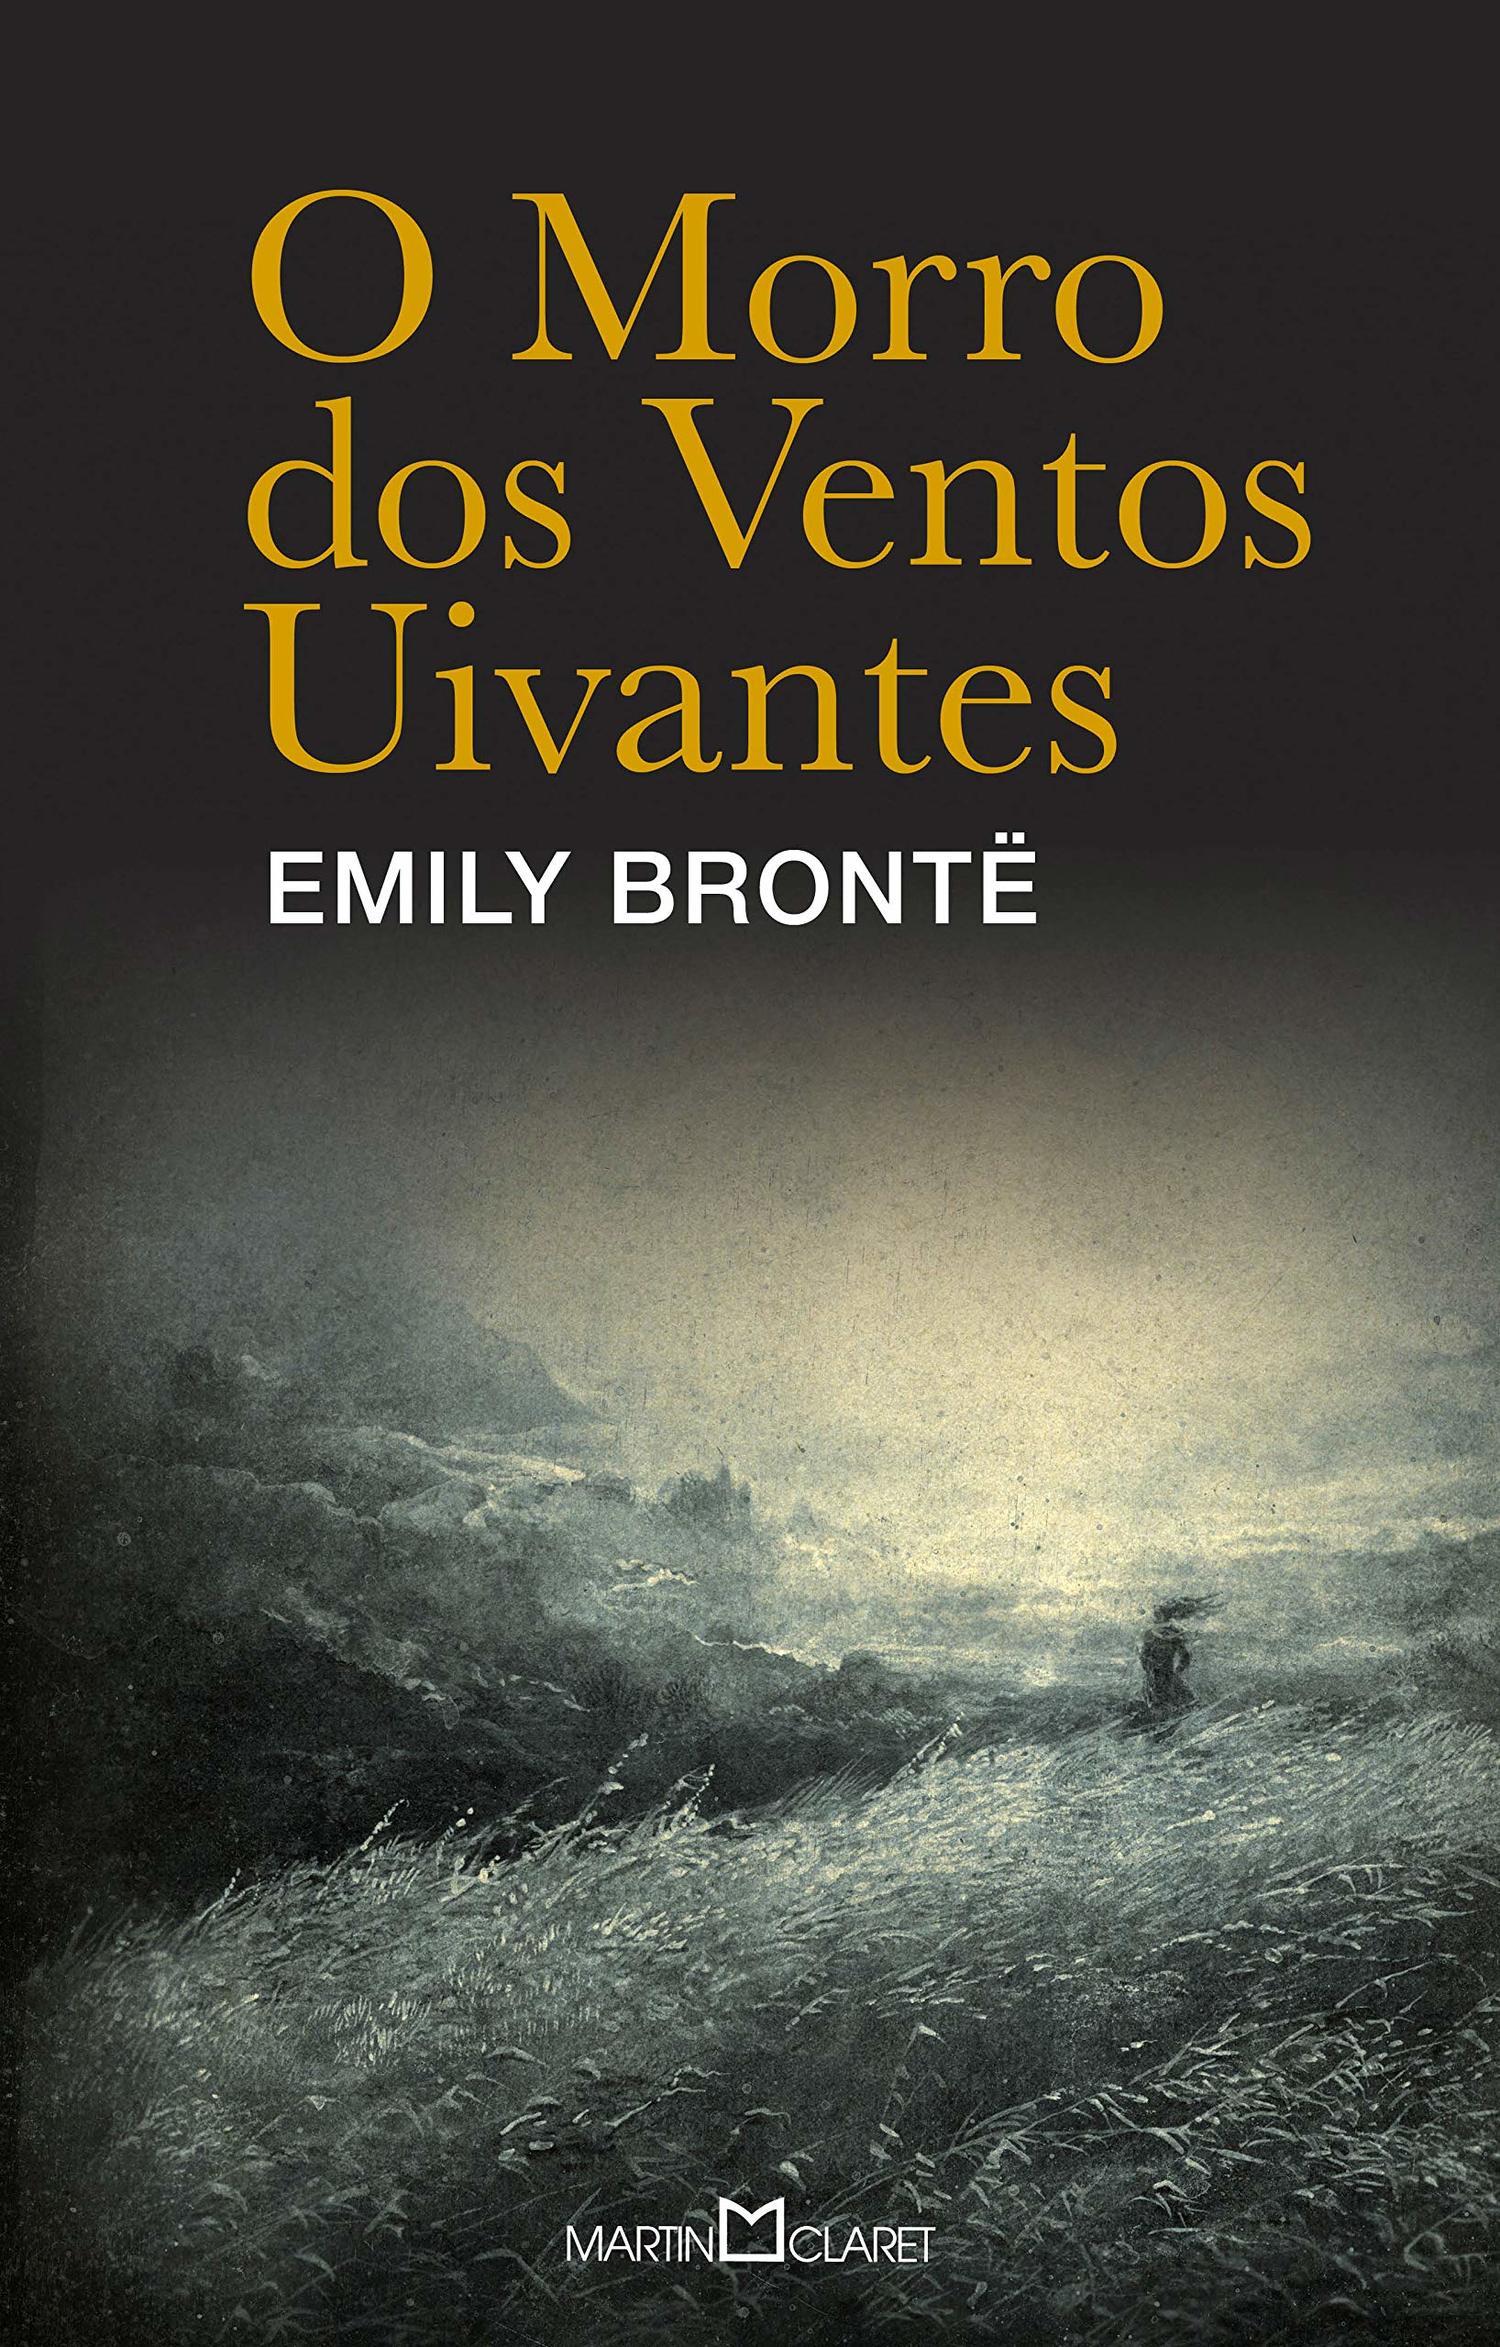 O MORRO DOS VENTOS UIVANTES VOL. 27 (Coleção obra prima de cada autor)